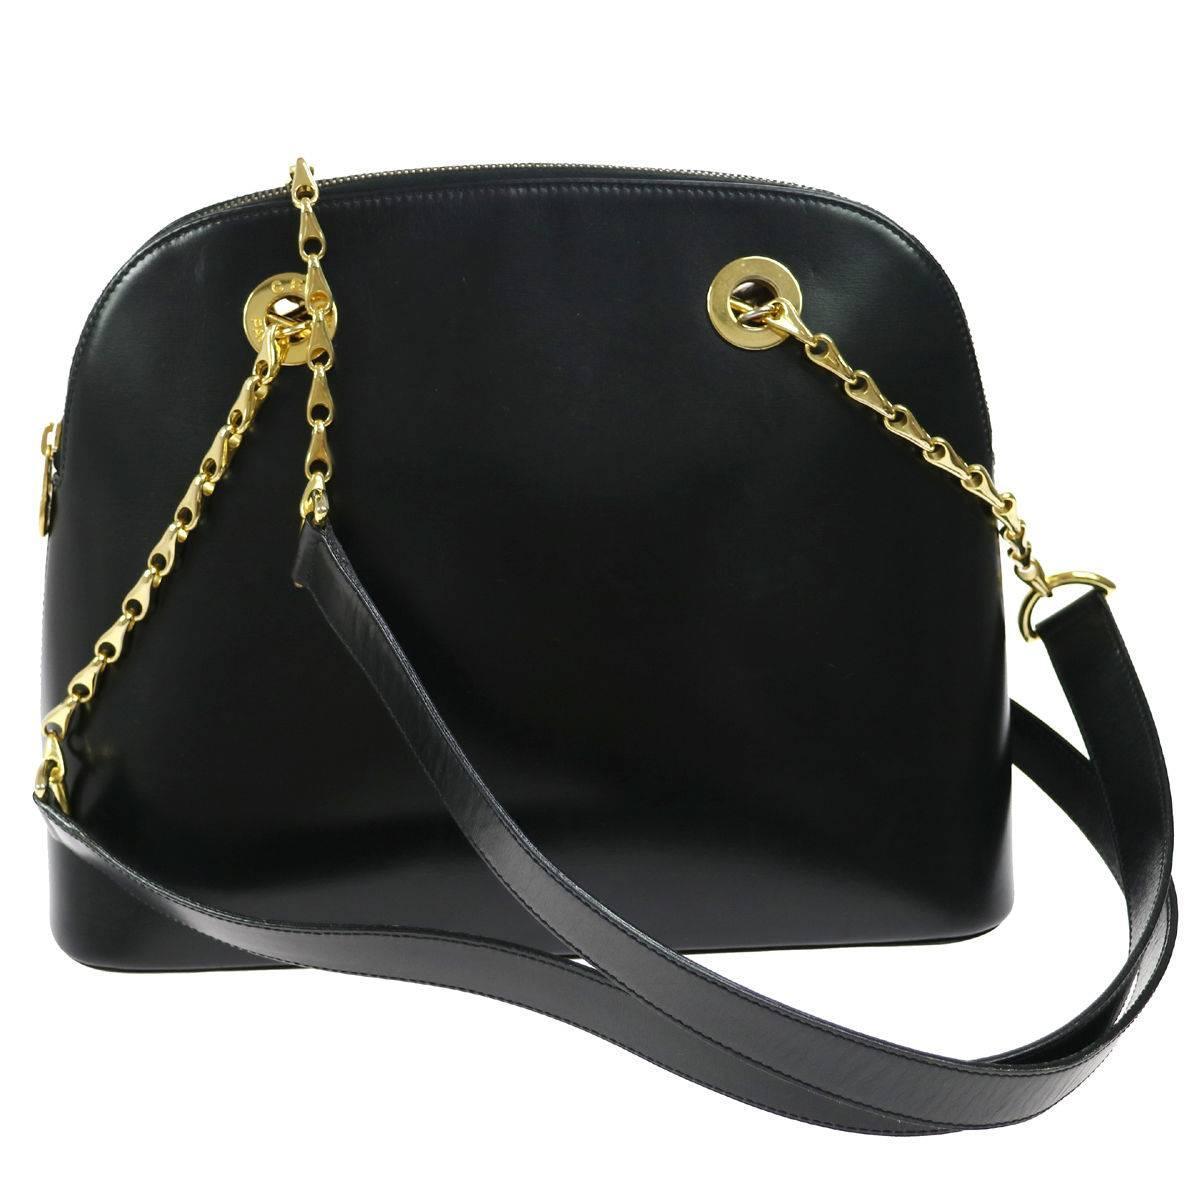 1stdibs Celine Black Leather Gold Zipper Around Chain Envelope Evening Shoulder Bag Y7e2lk